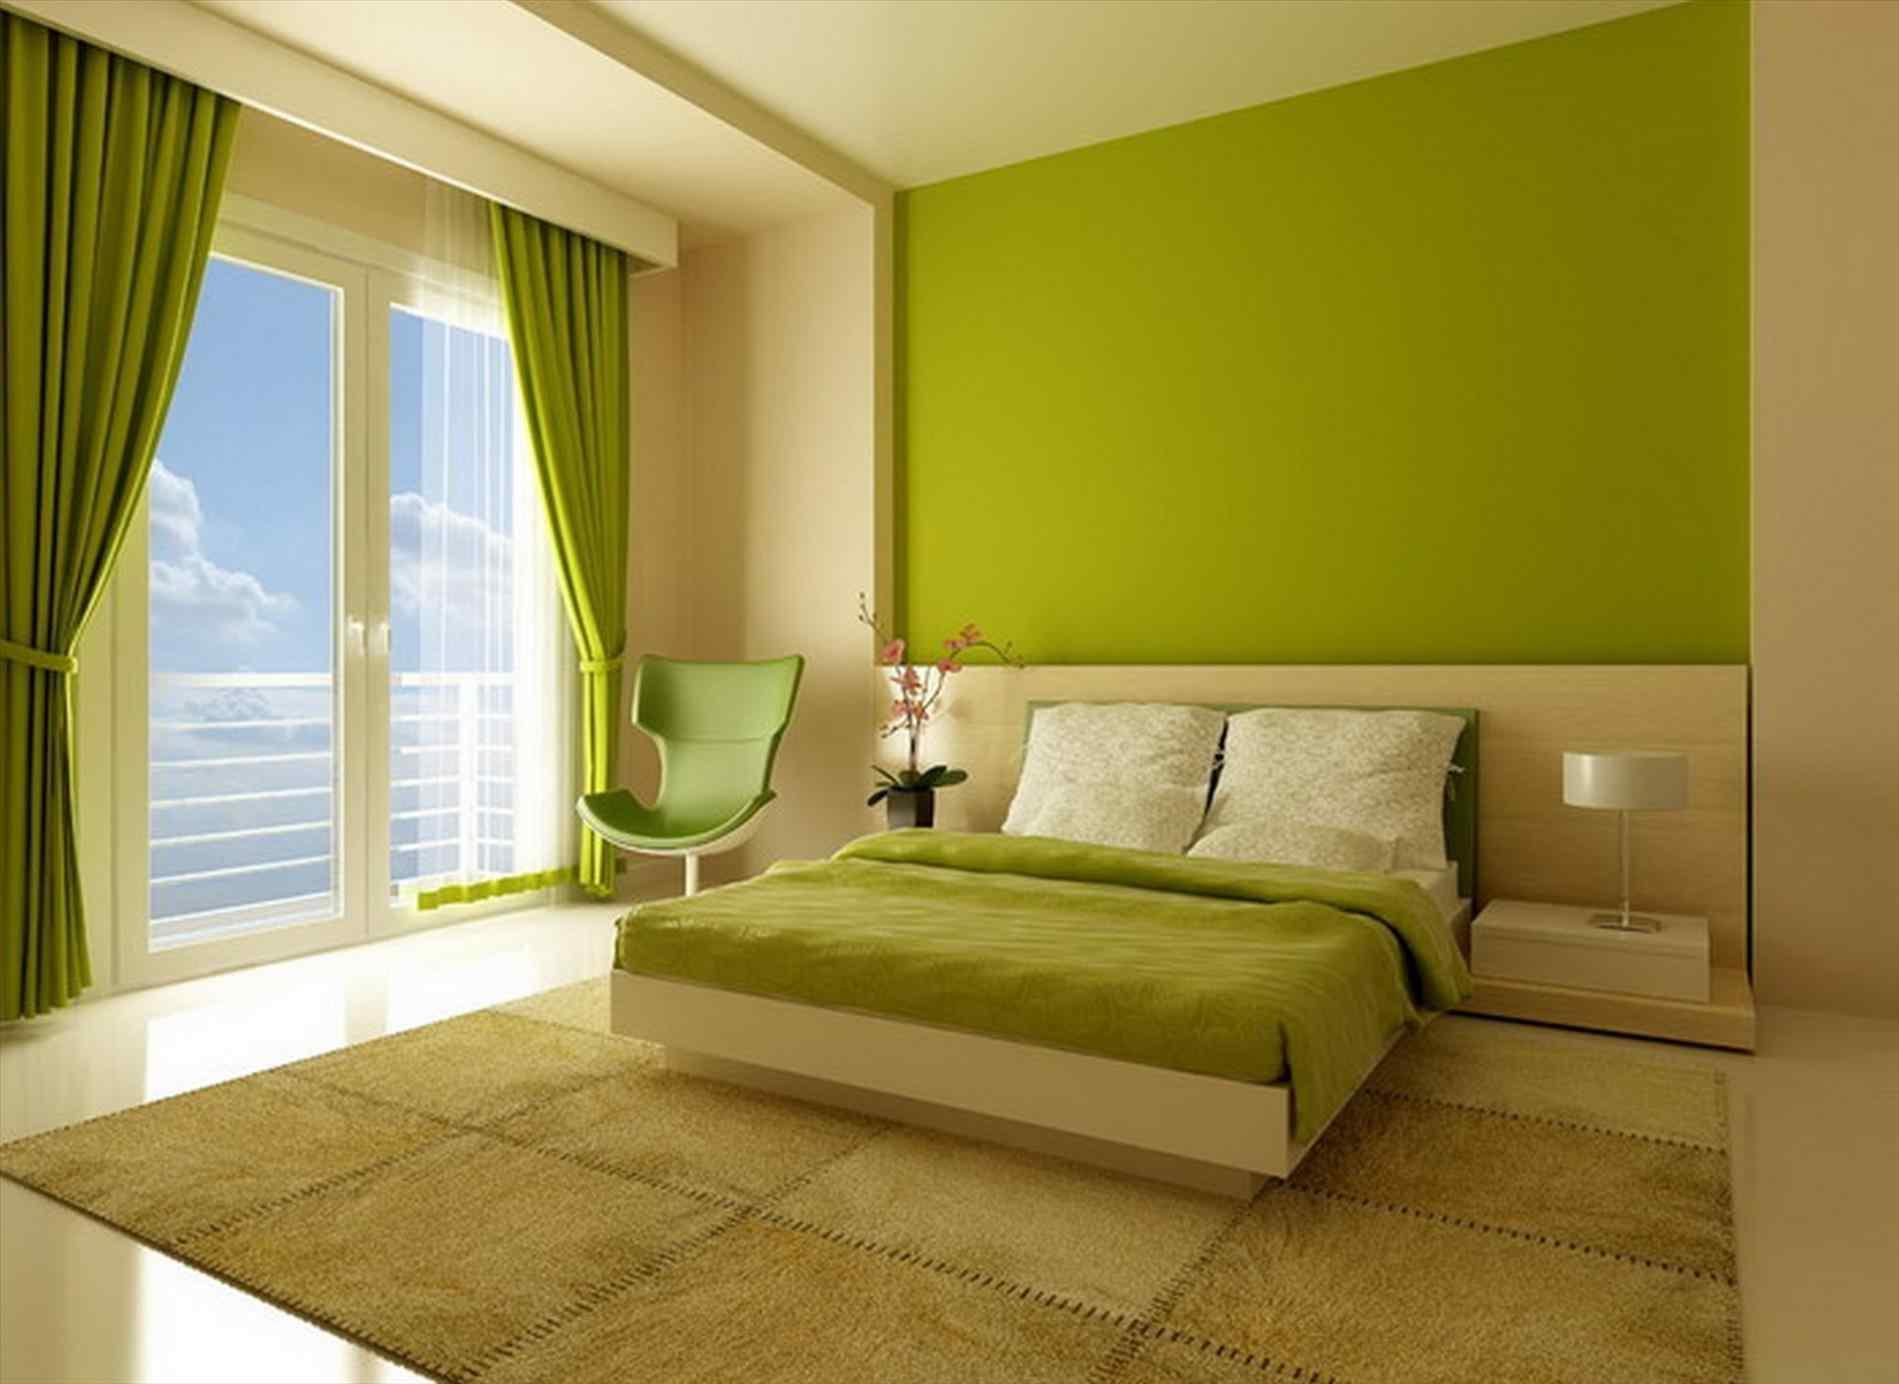 بالصور دهانات غرف نوم , الوان حوائط لغرفة النوم 3707 4